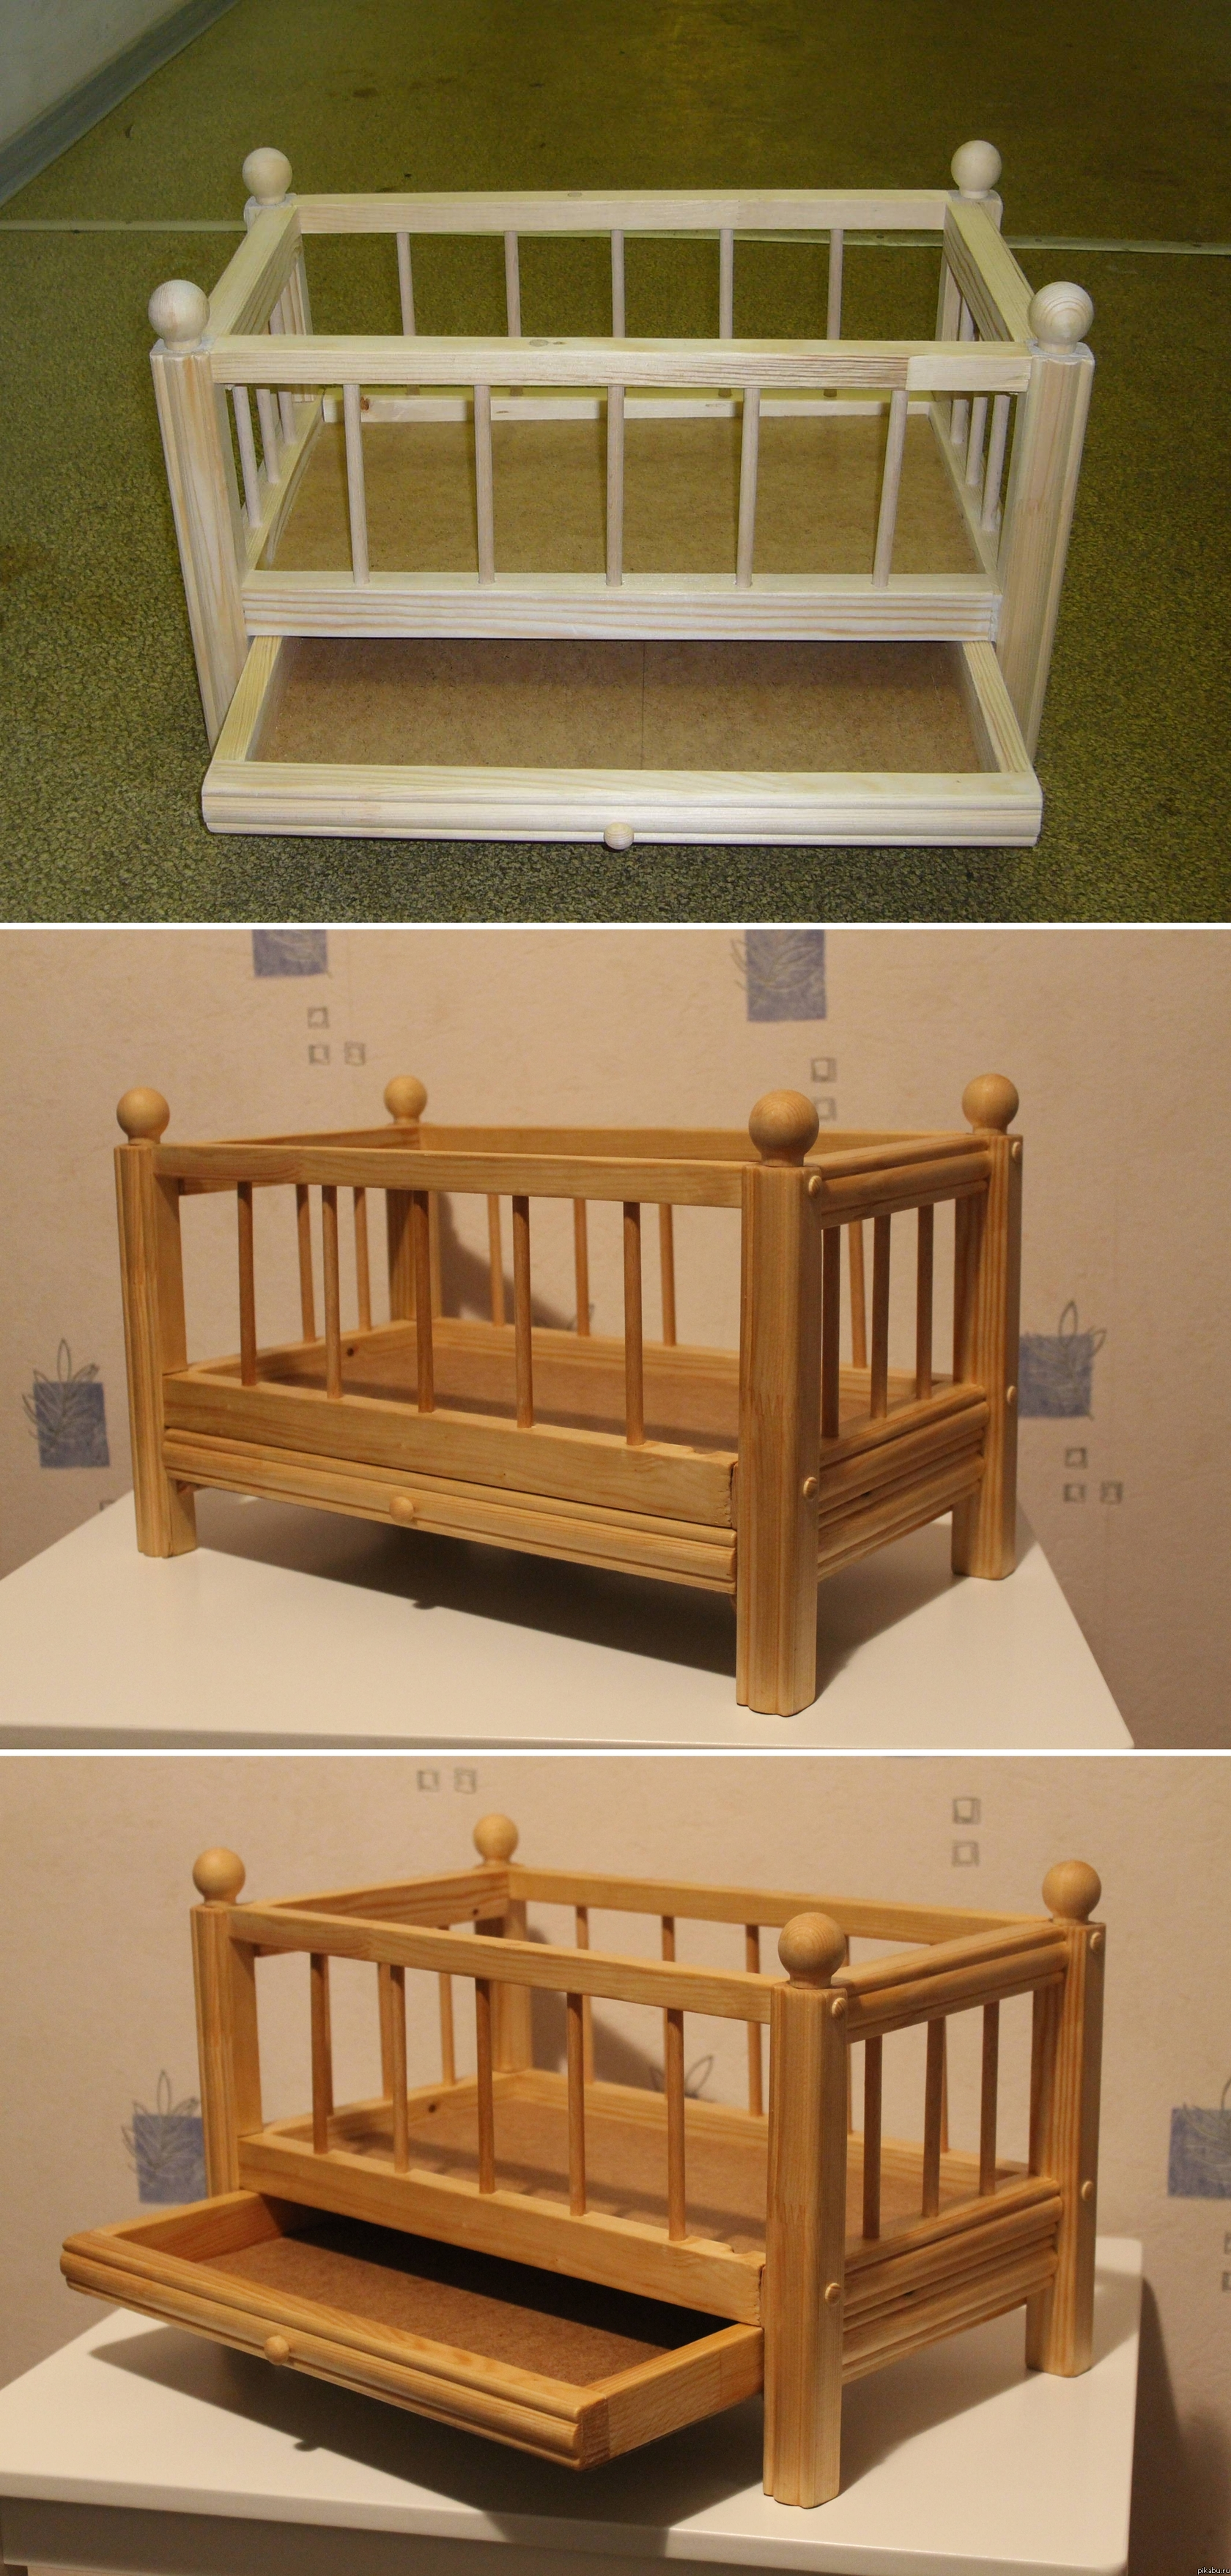 Детская кровать своими руками: преимущества изготовления 41